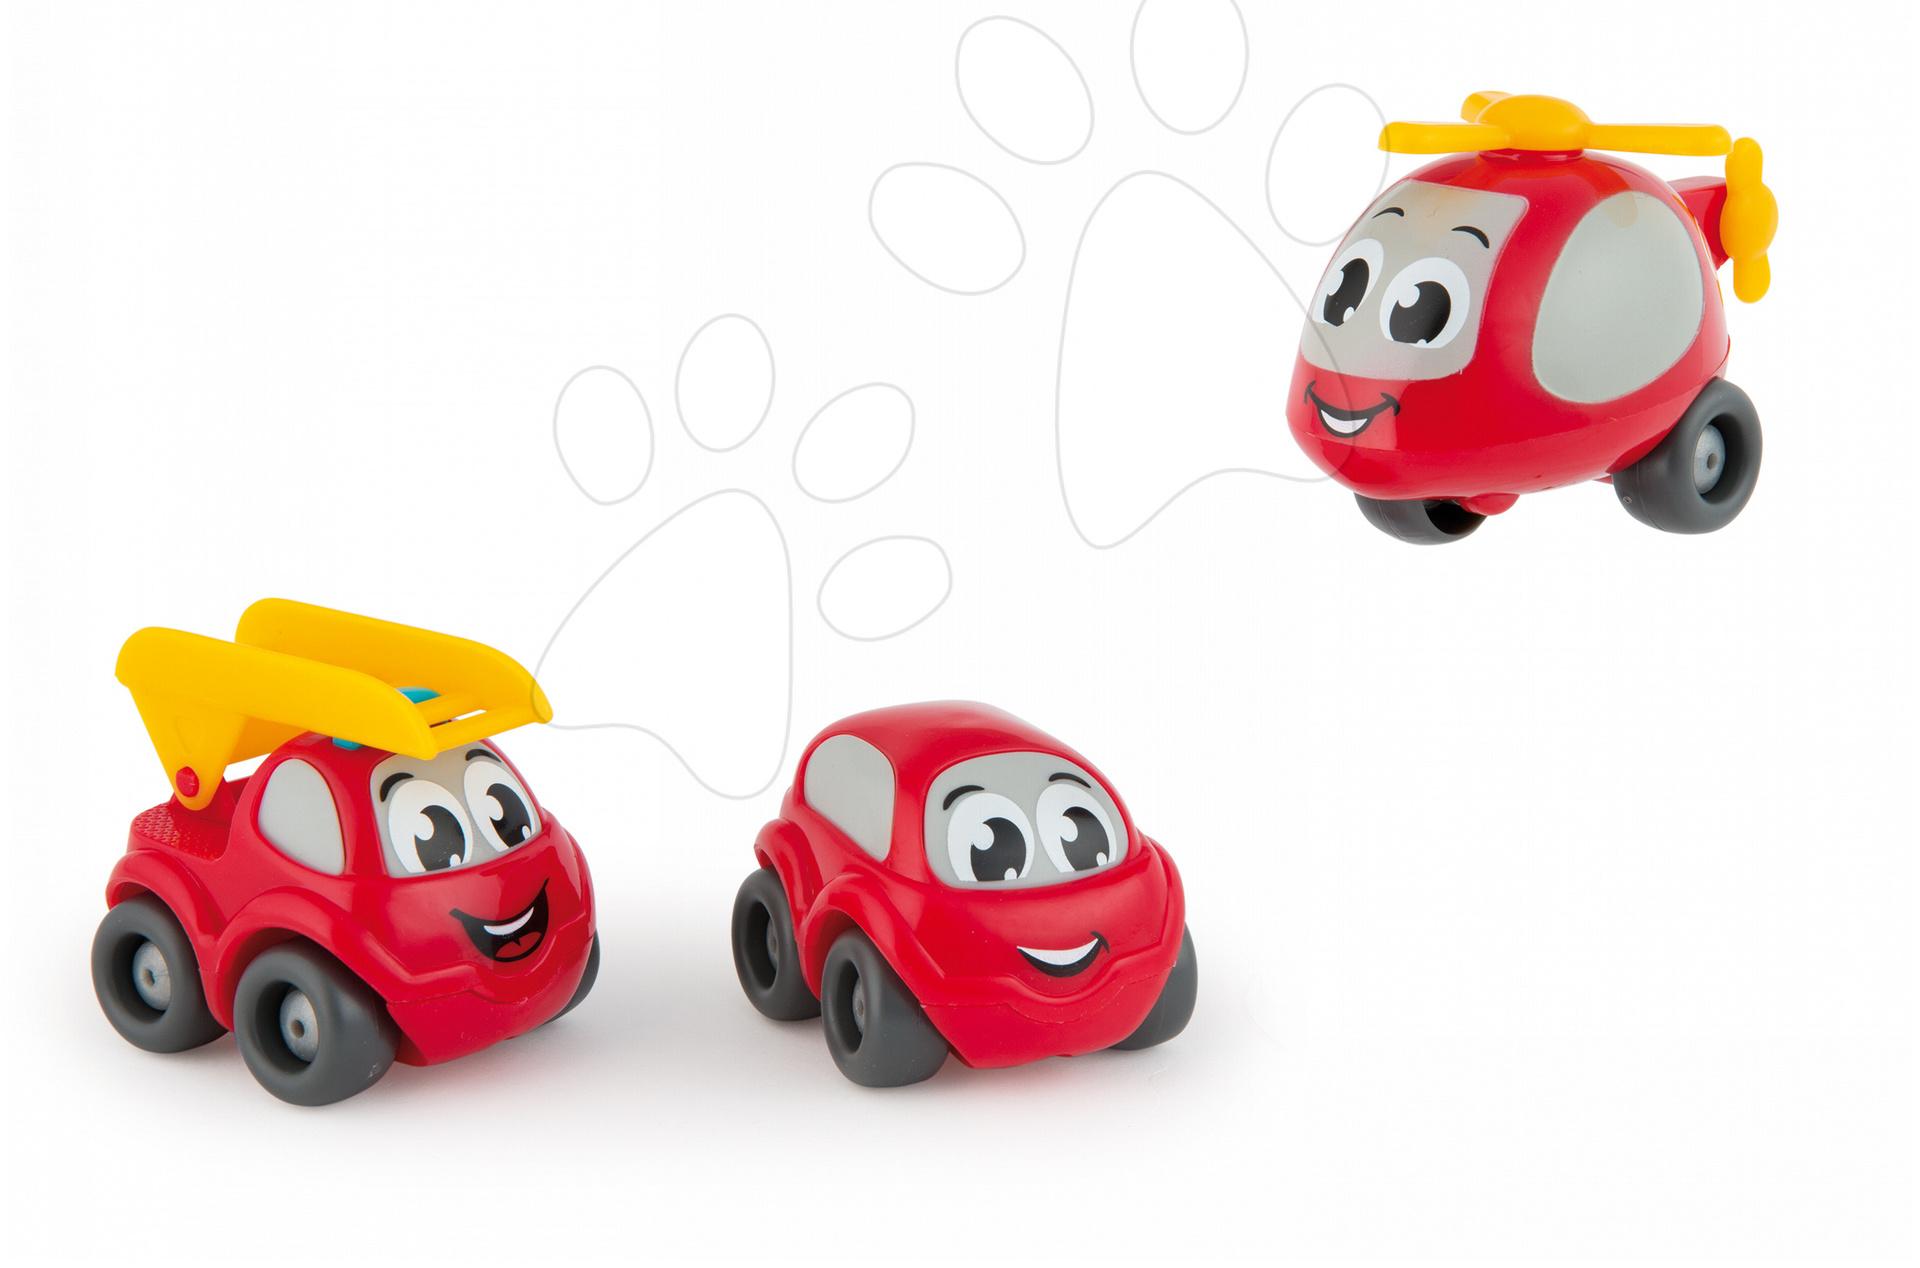 Hasičské autíčka pro děti Vroom Planet Smoby 3 ks délka 7 cm od 12 měsíců